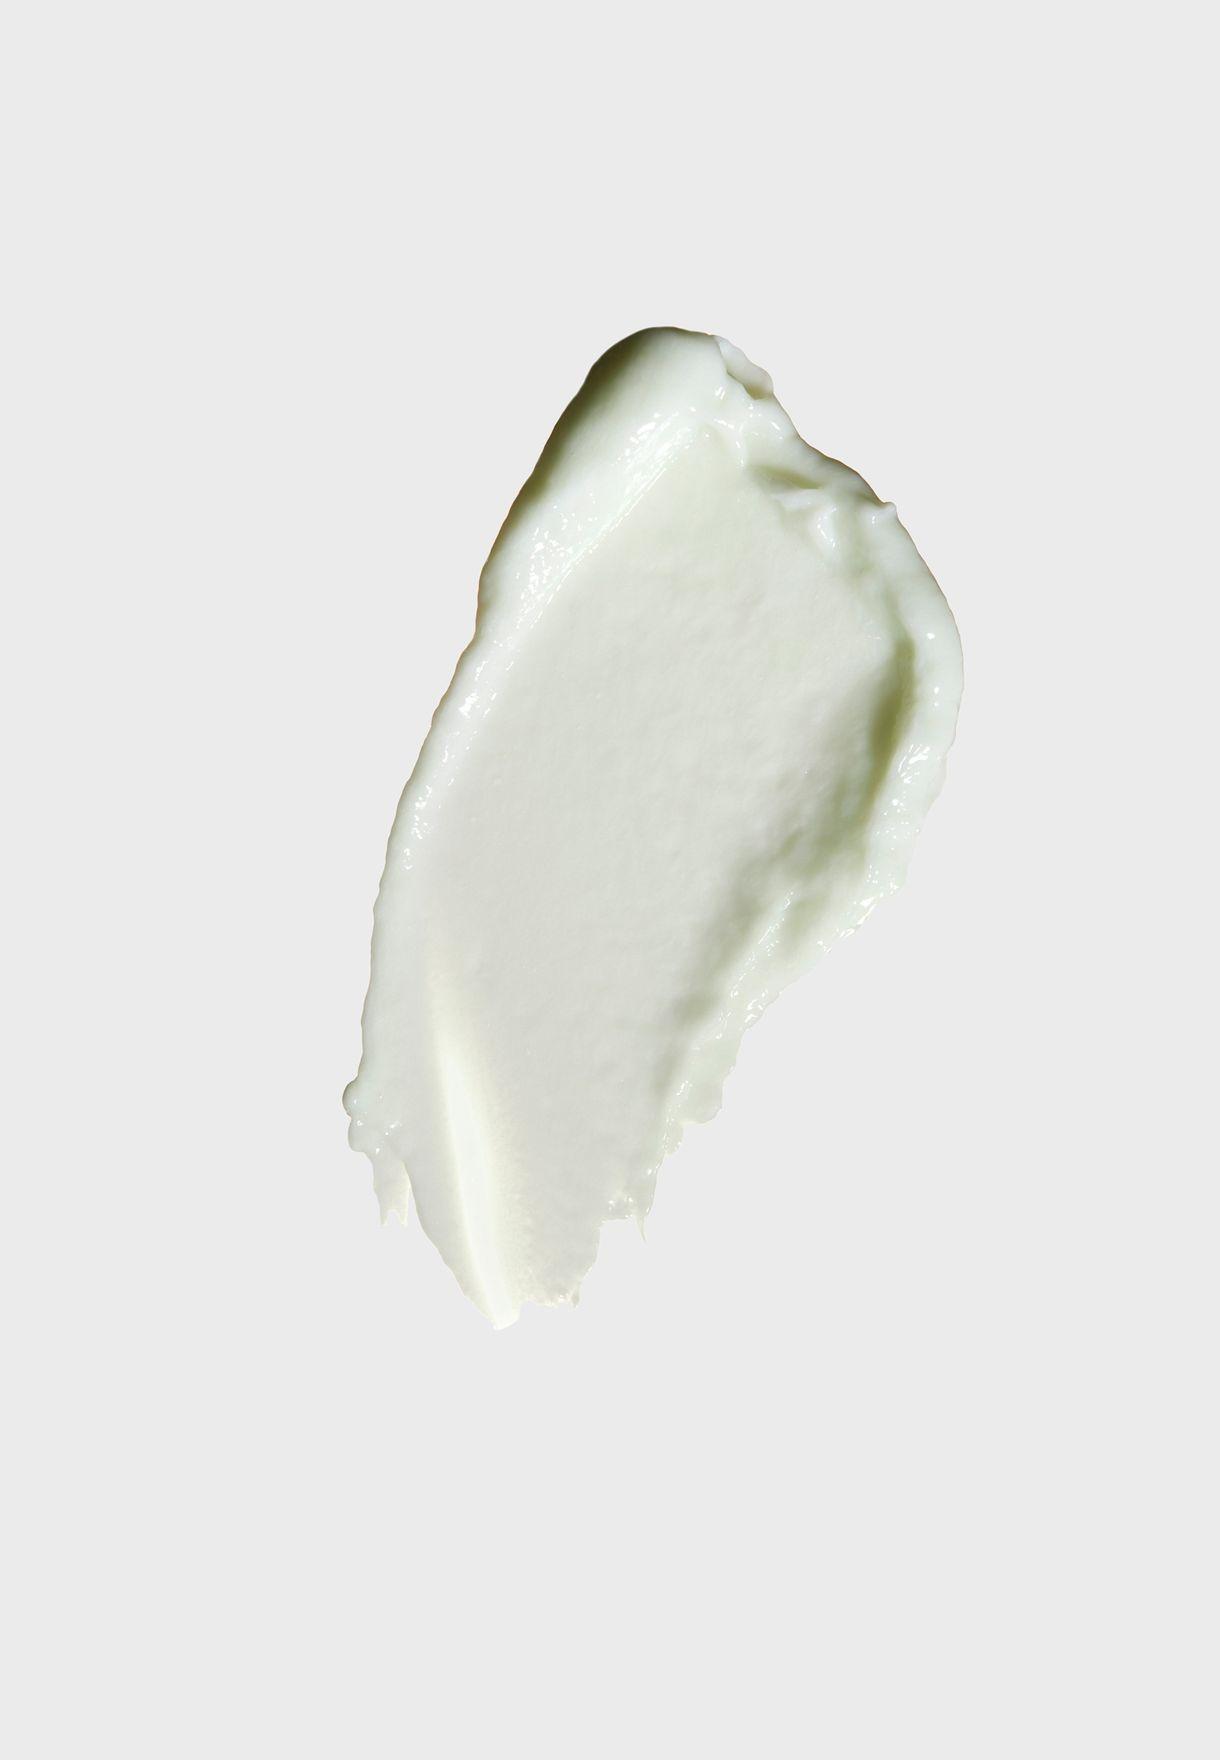 ماسك هيدراسورس لمعالجة عميقة للشعر الجاف - 100 مل